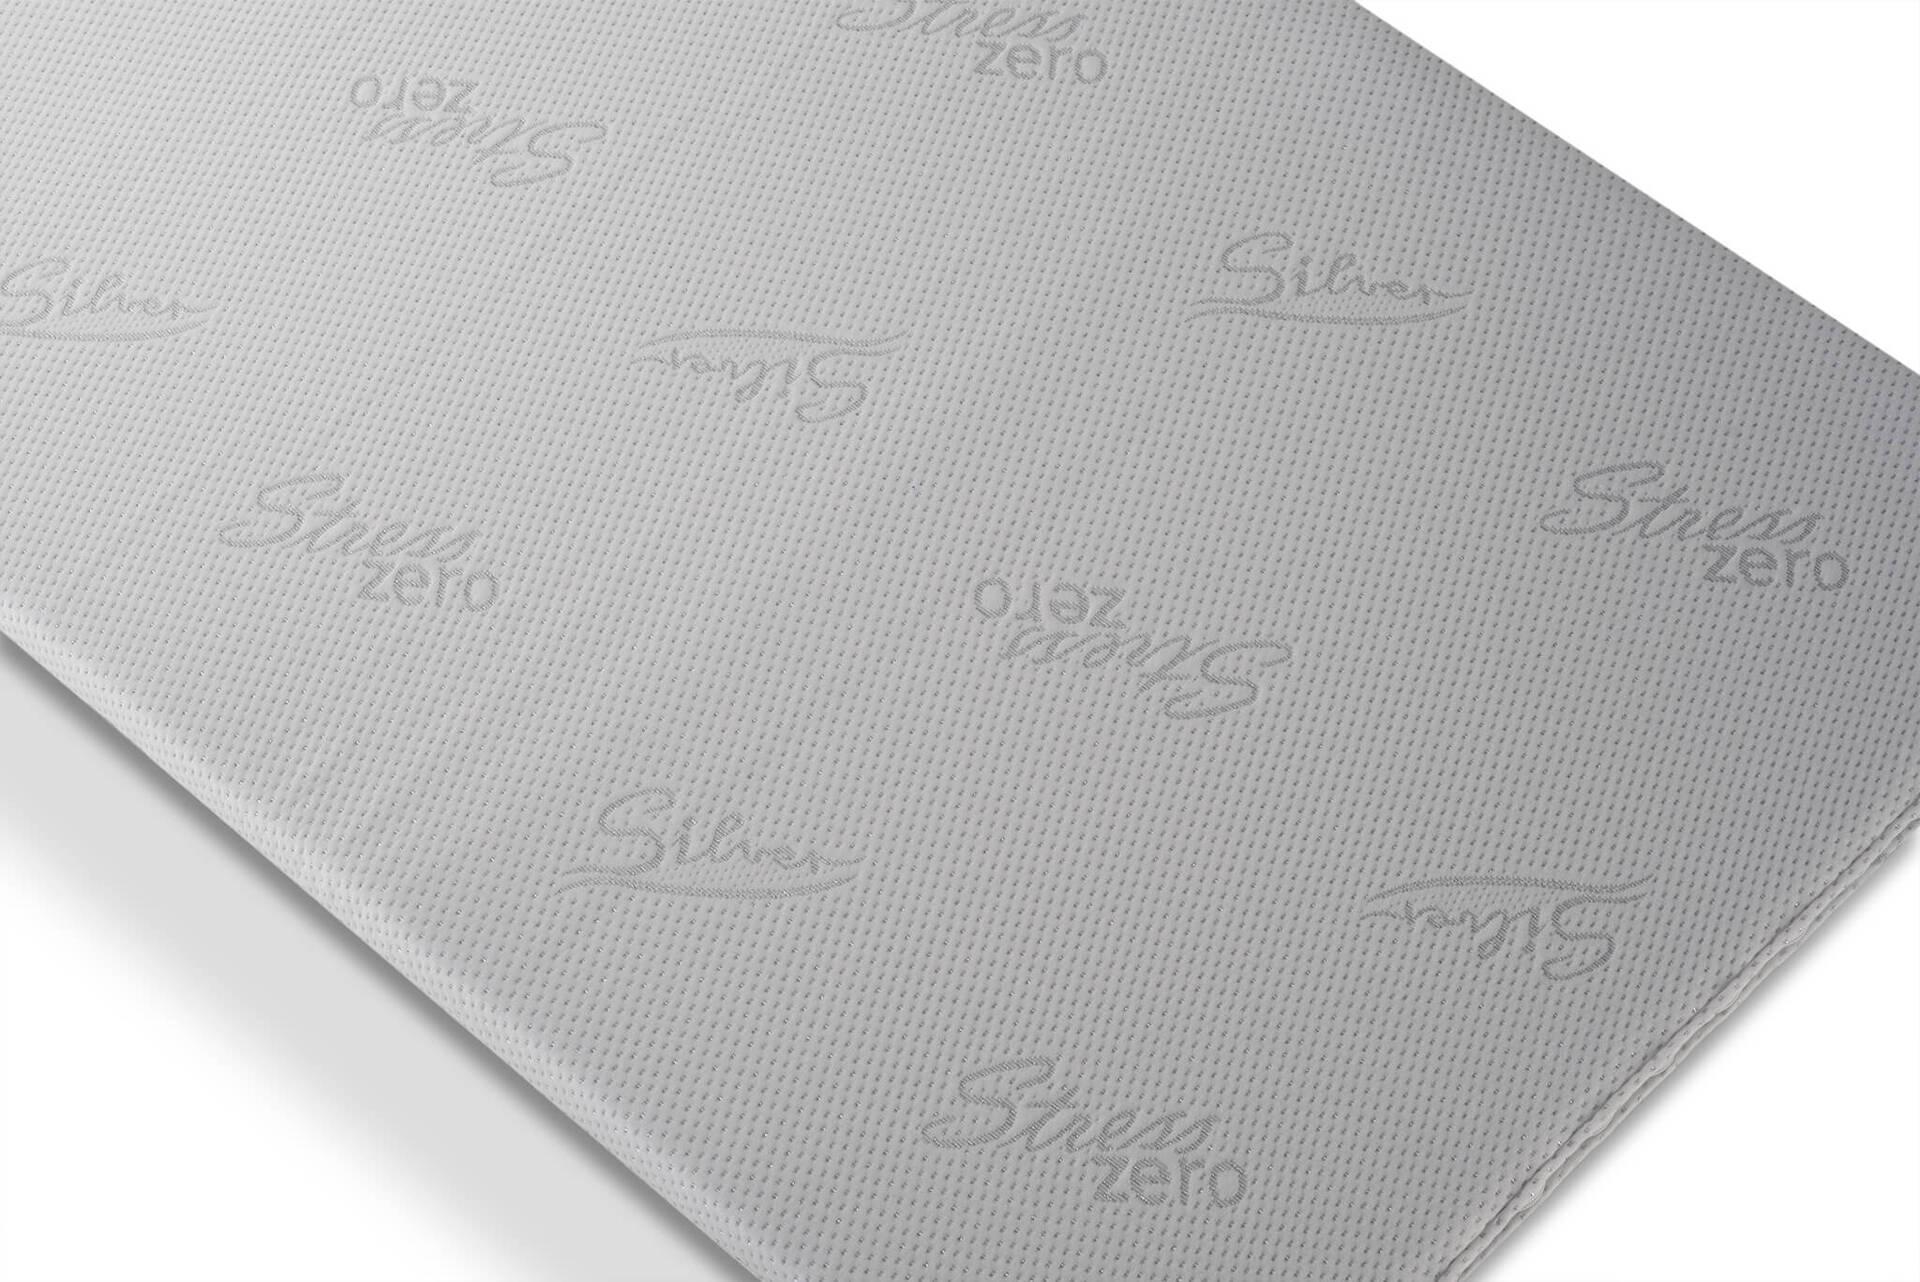 Топ матрак Stress Zero Memory 82/190/5 см, Sleepy - РАЗОПАКОВАН